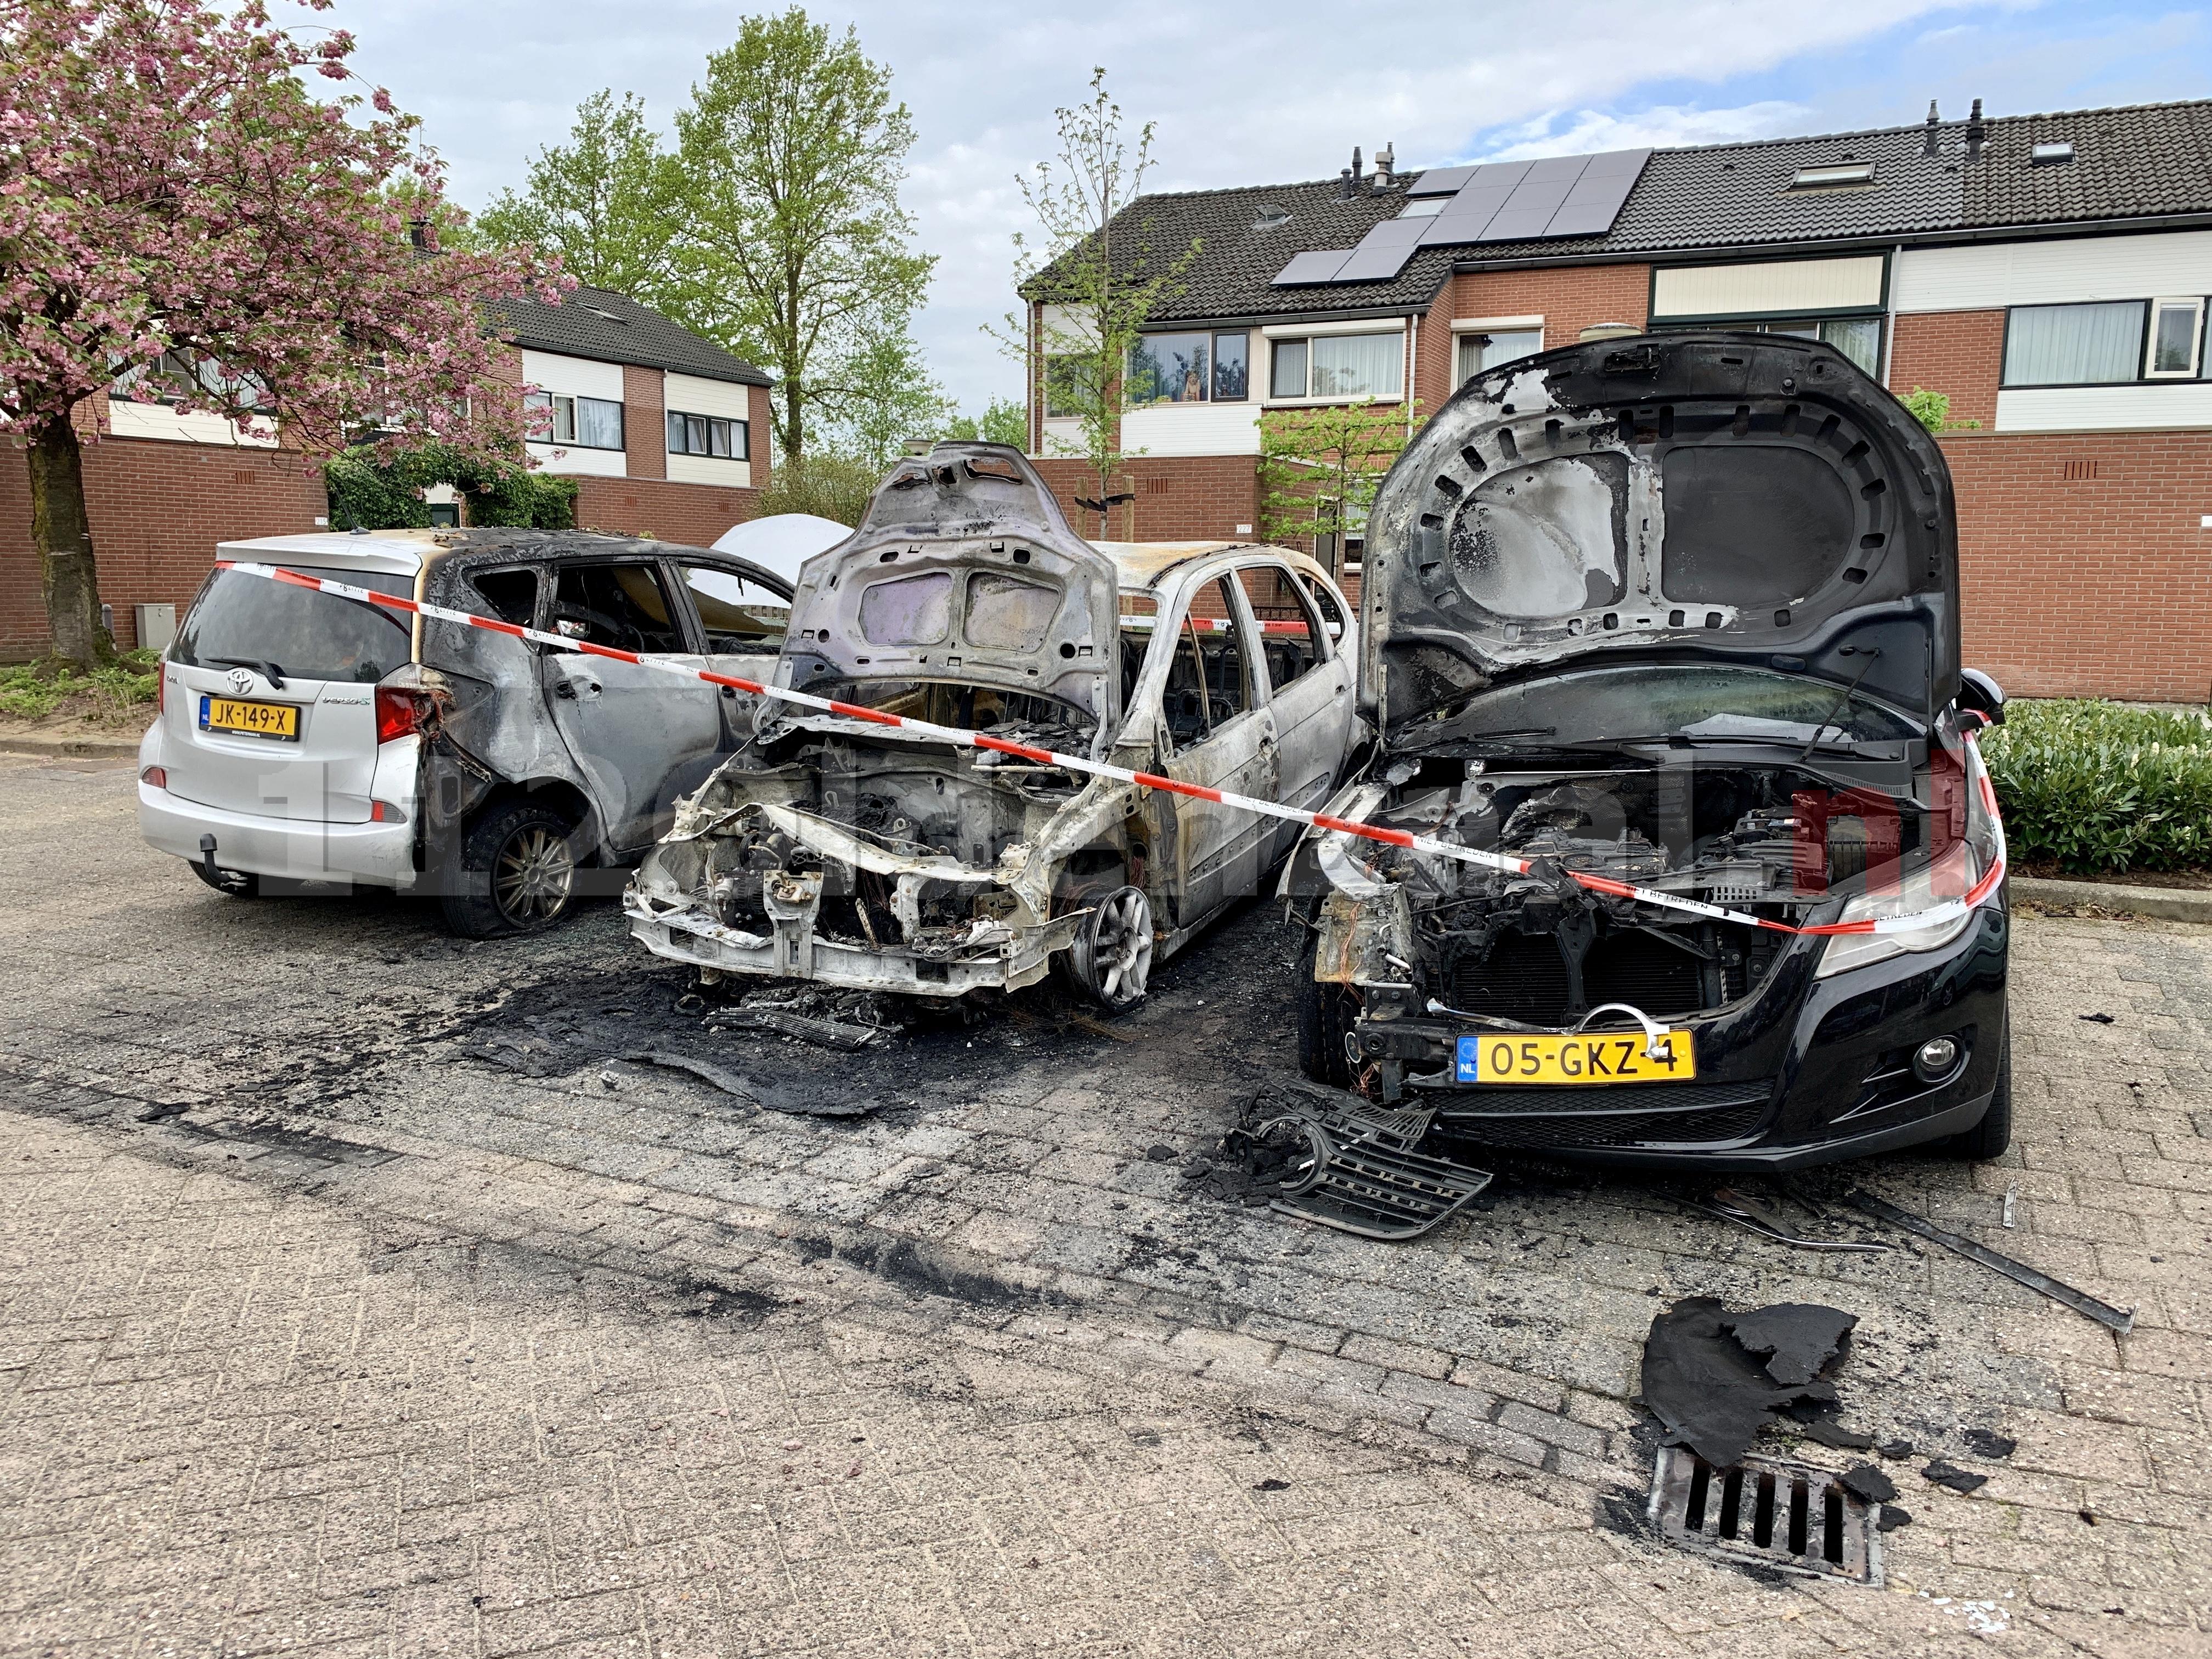 (Video) Schade goed zichtbaar bij daglicht; Auto's in Oldenzaal verwoest door brand